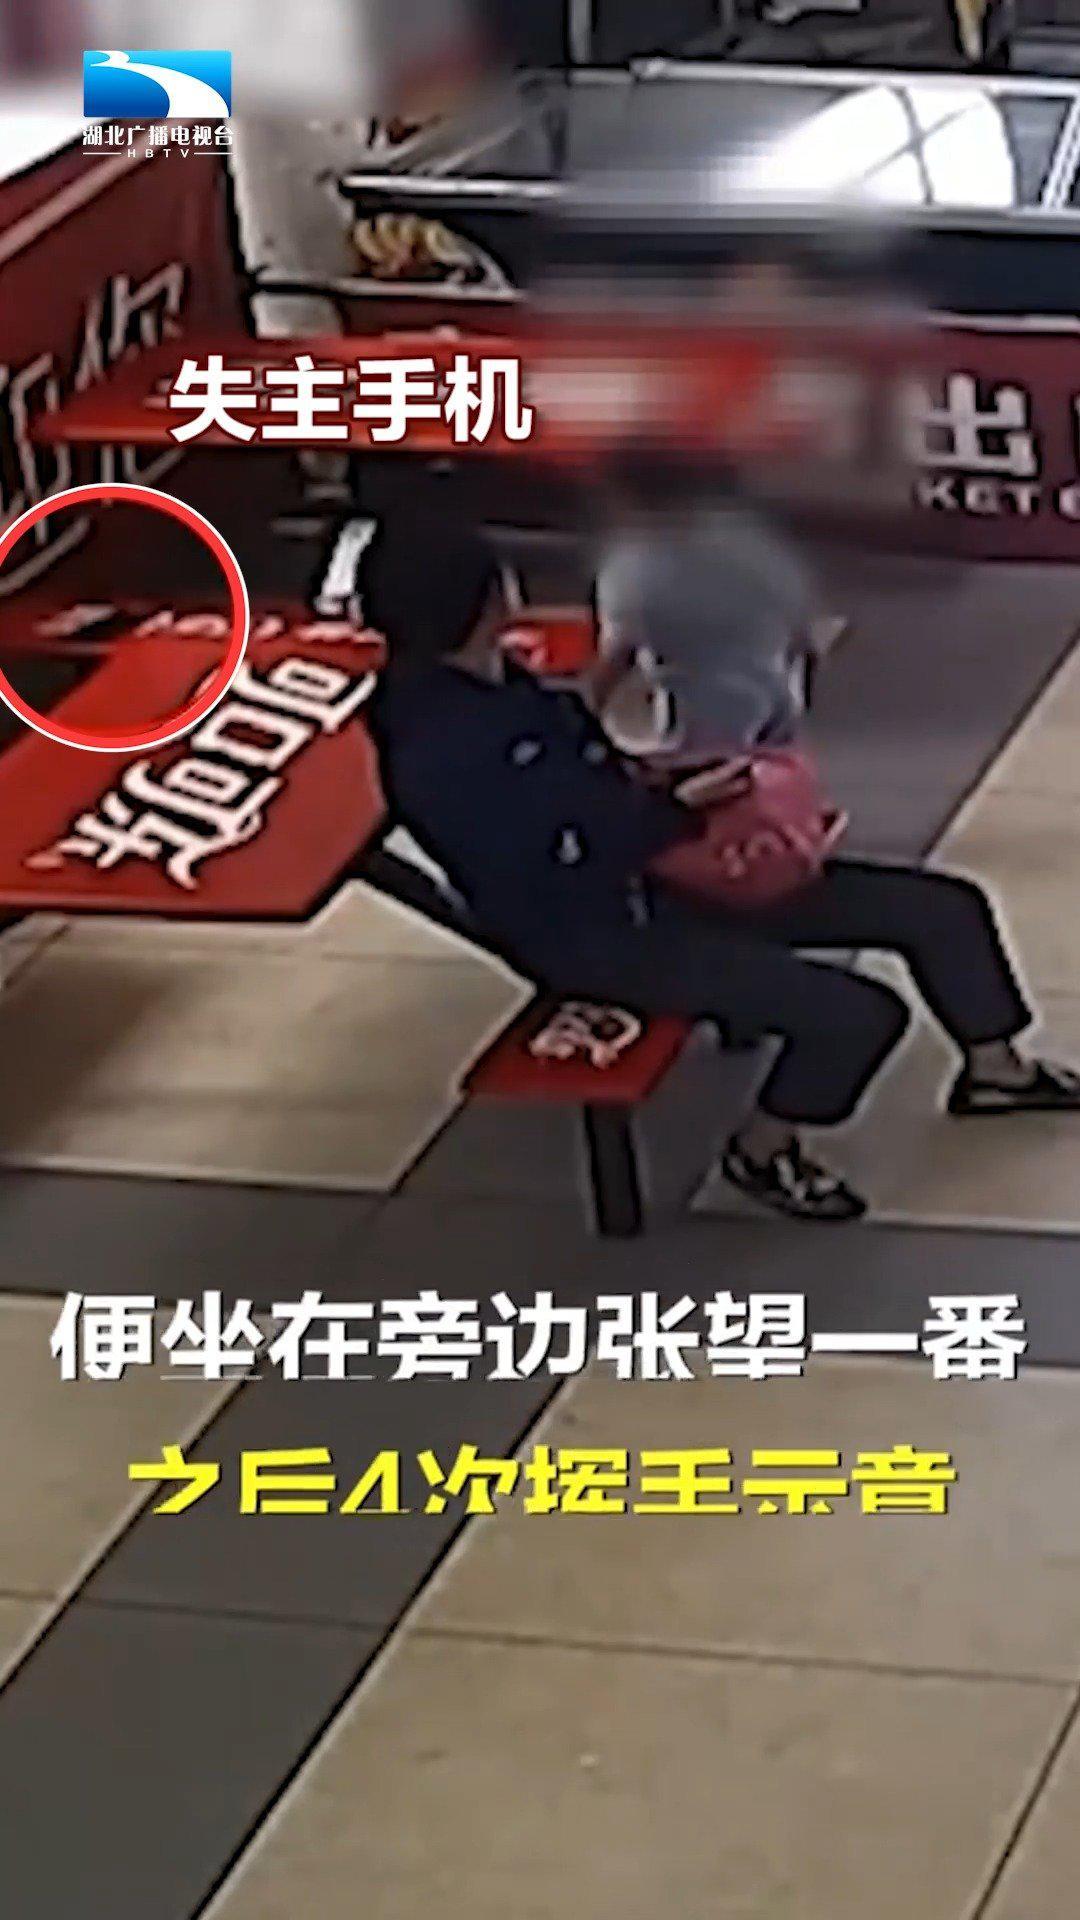 竟有这样的母亲!女子4次教唆自己的孩子偷捡手机 ……